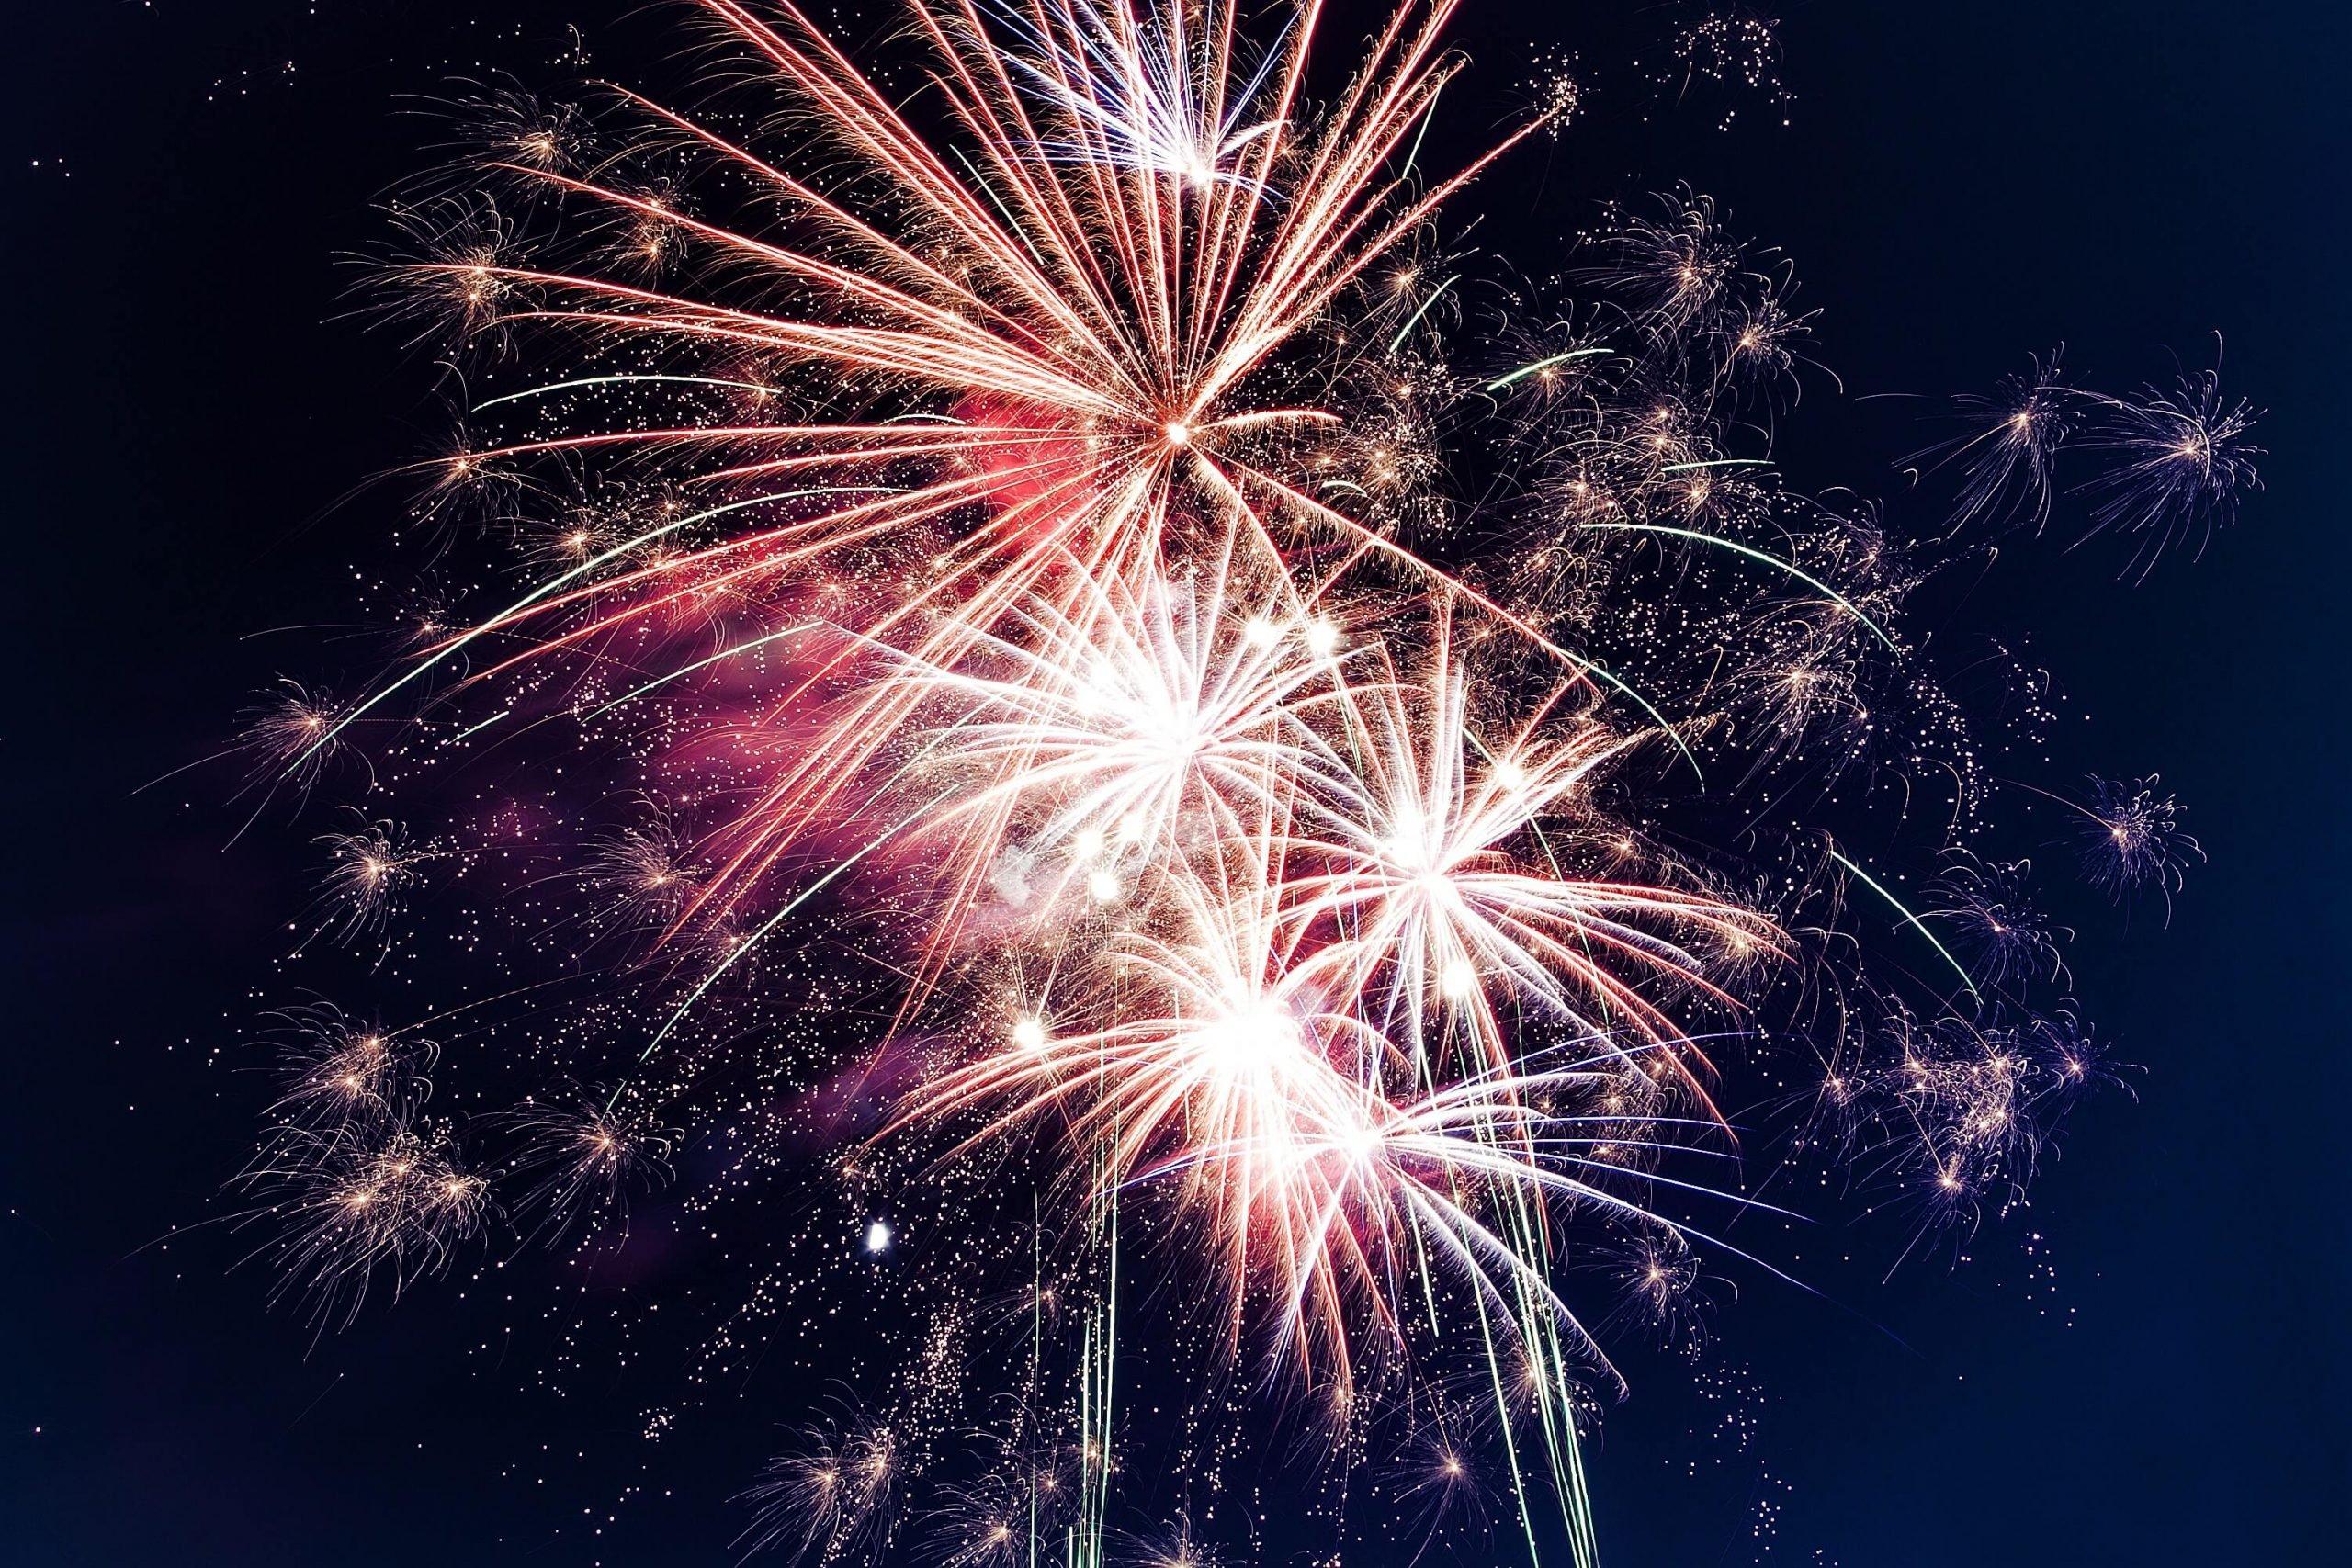 Frases para Ano Novo, superstições e resoluções